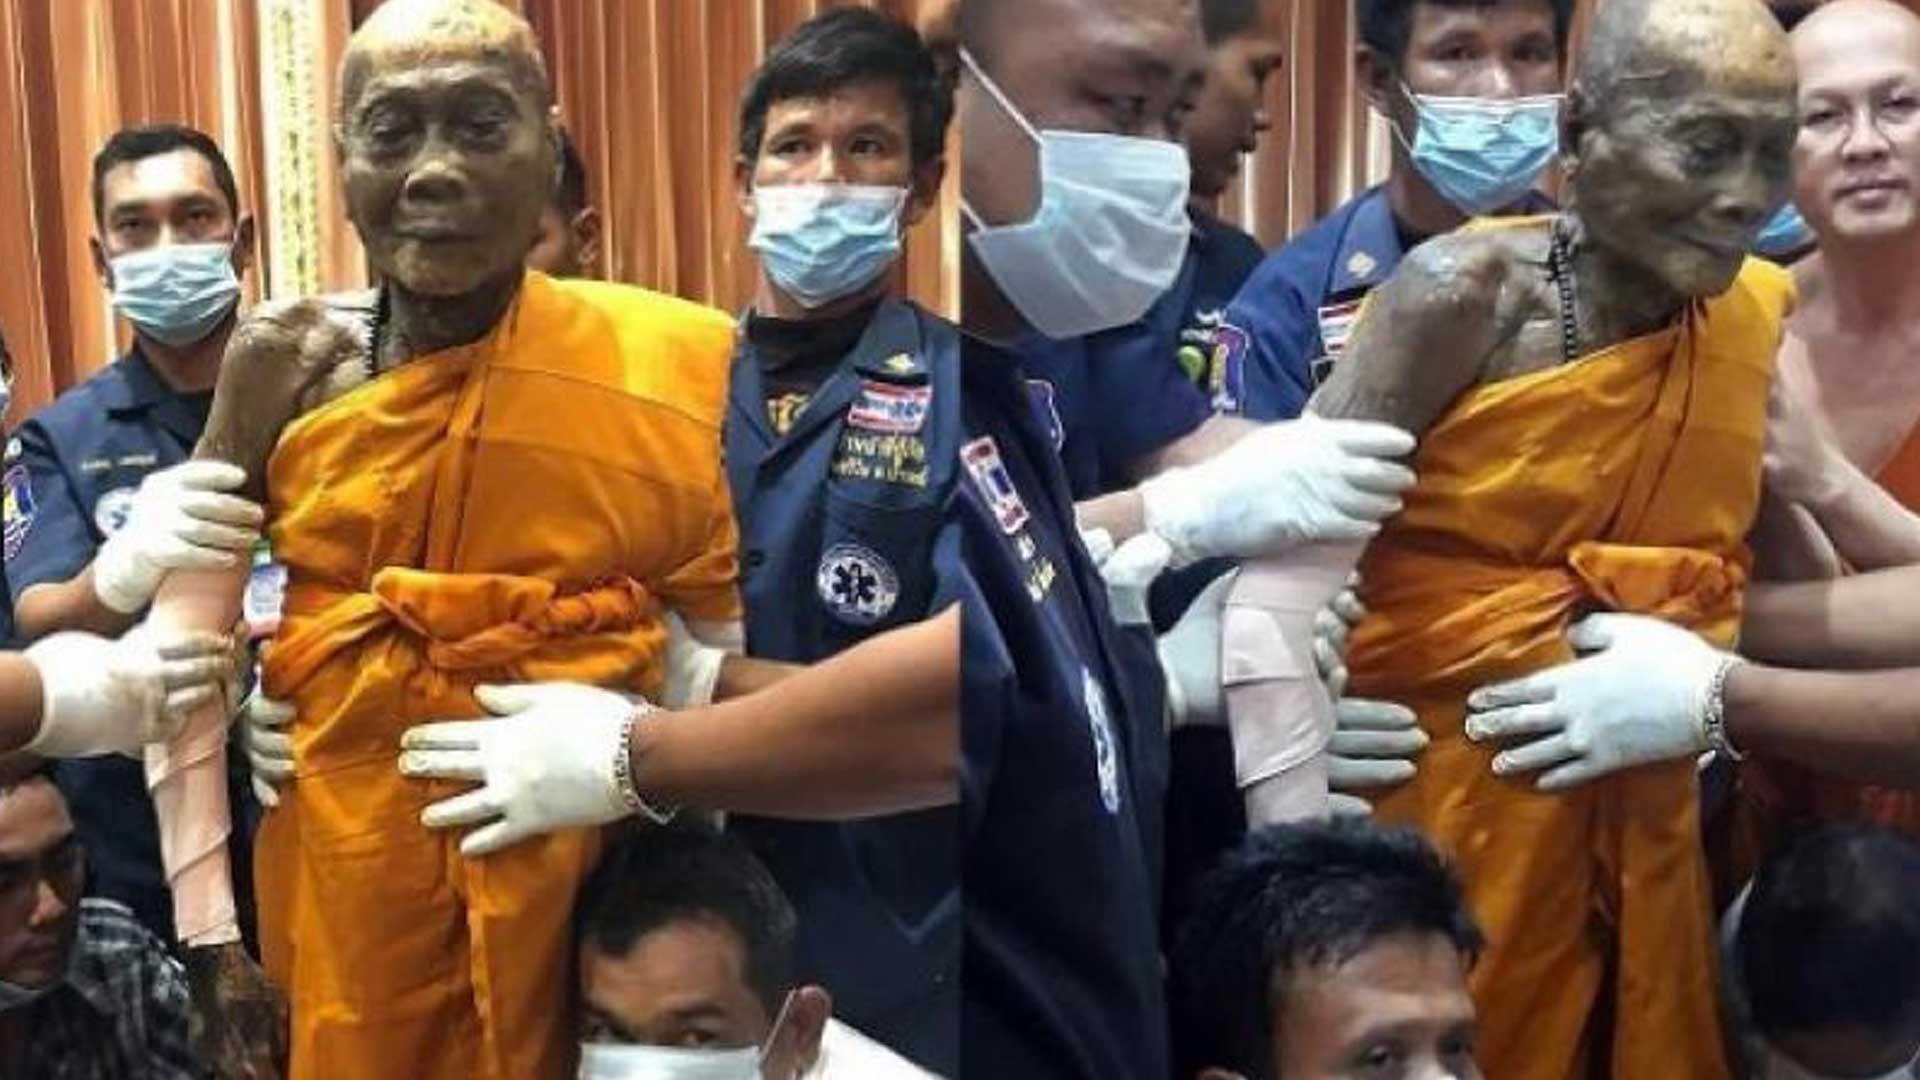 El extraño caso del monje budista que sigue sonriendo incluso dos meses después de su muerte